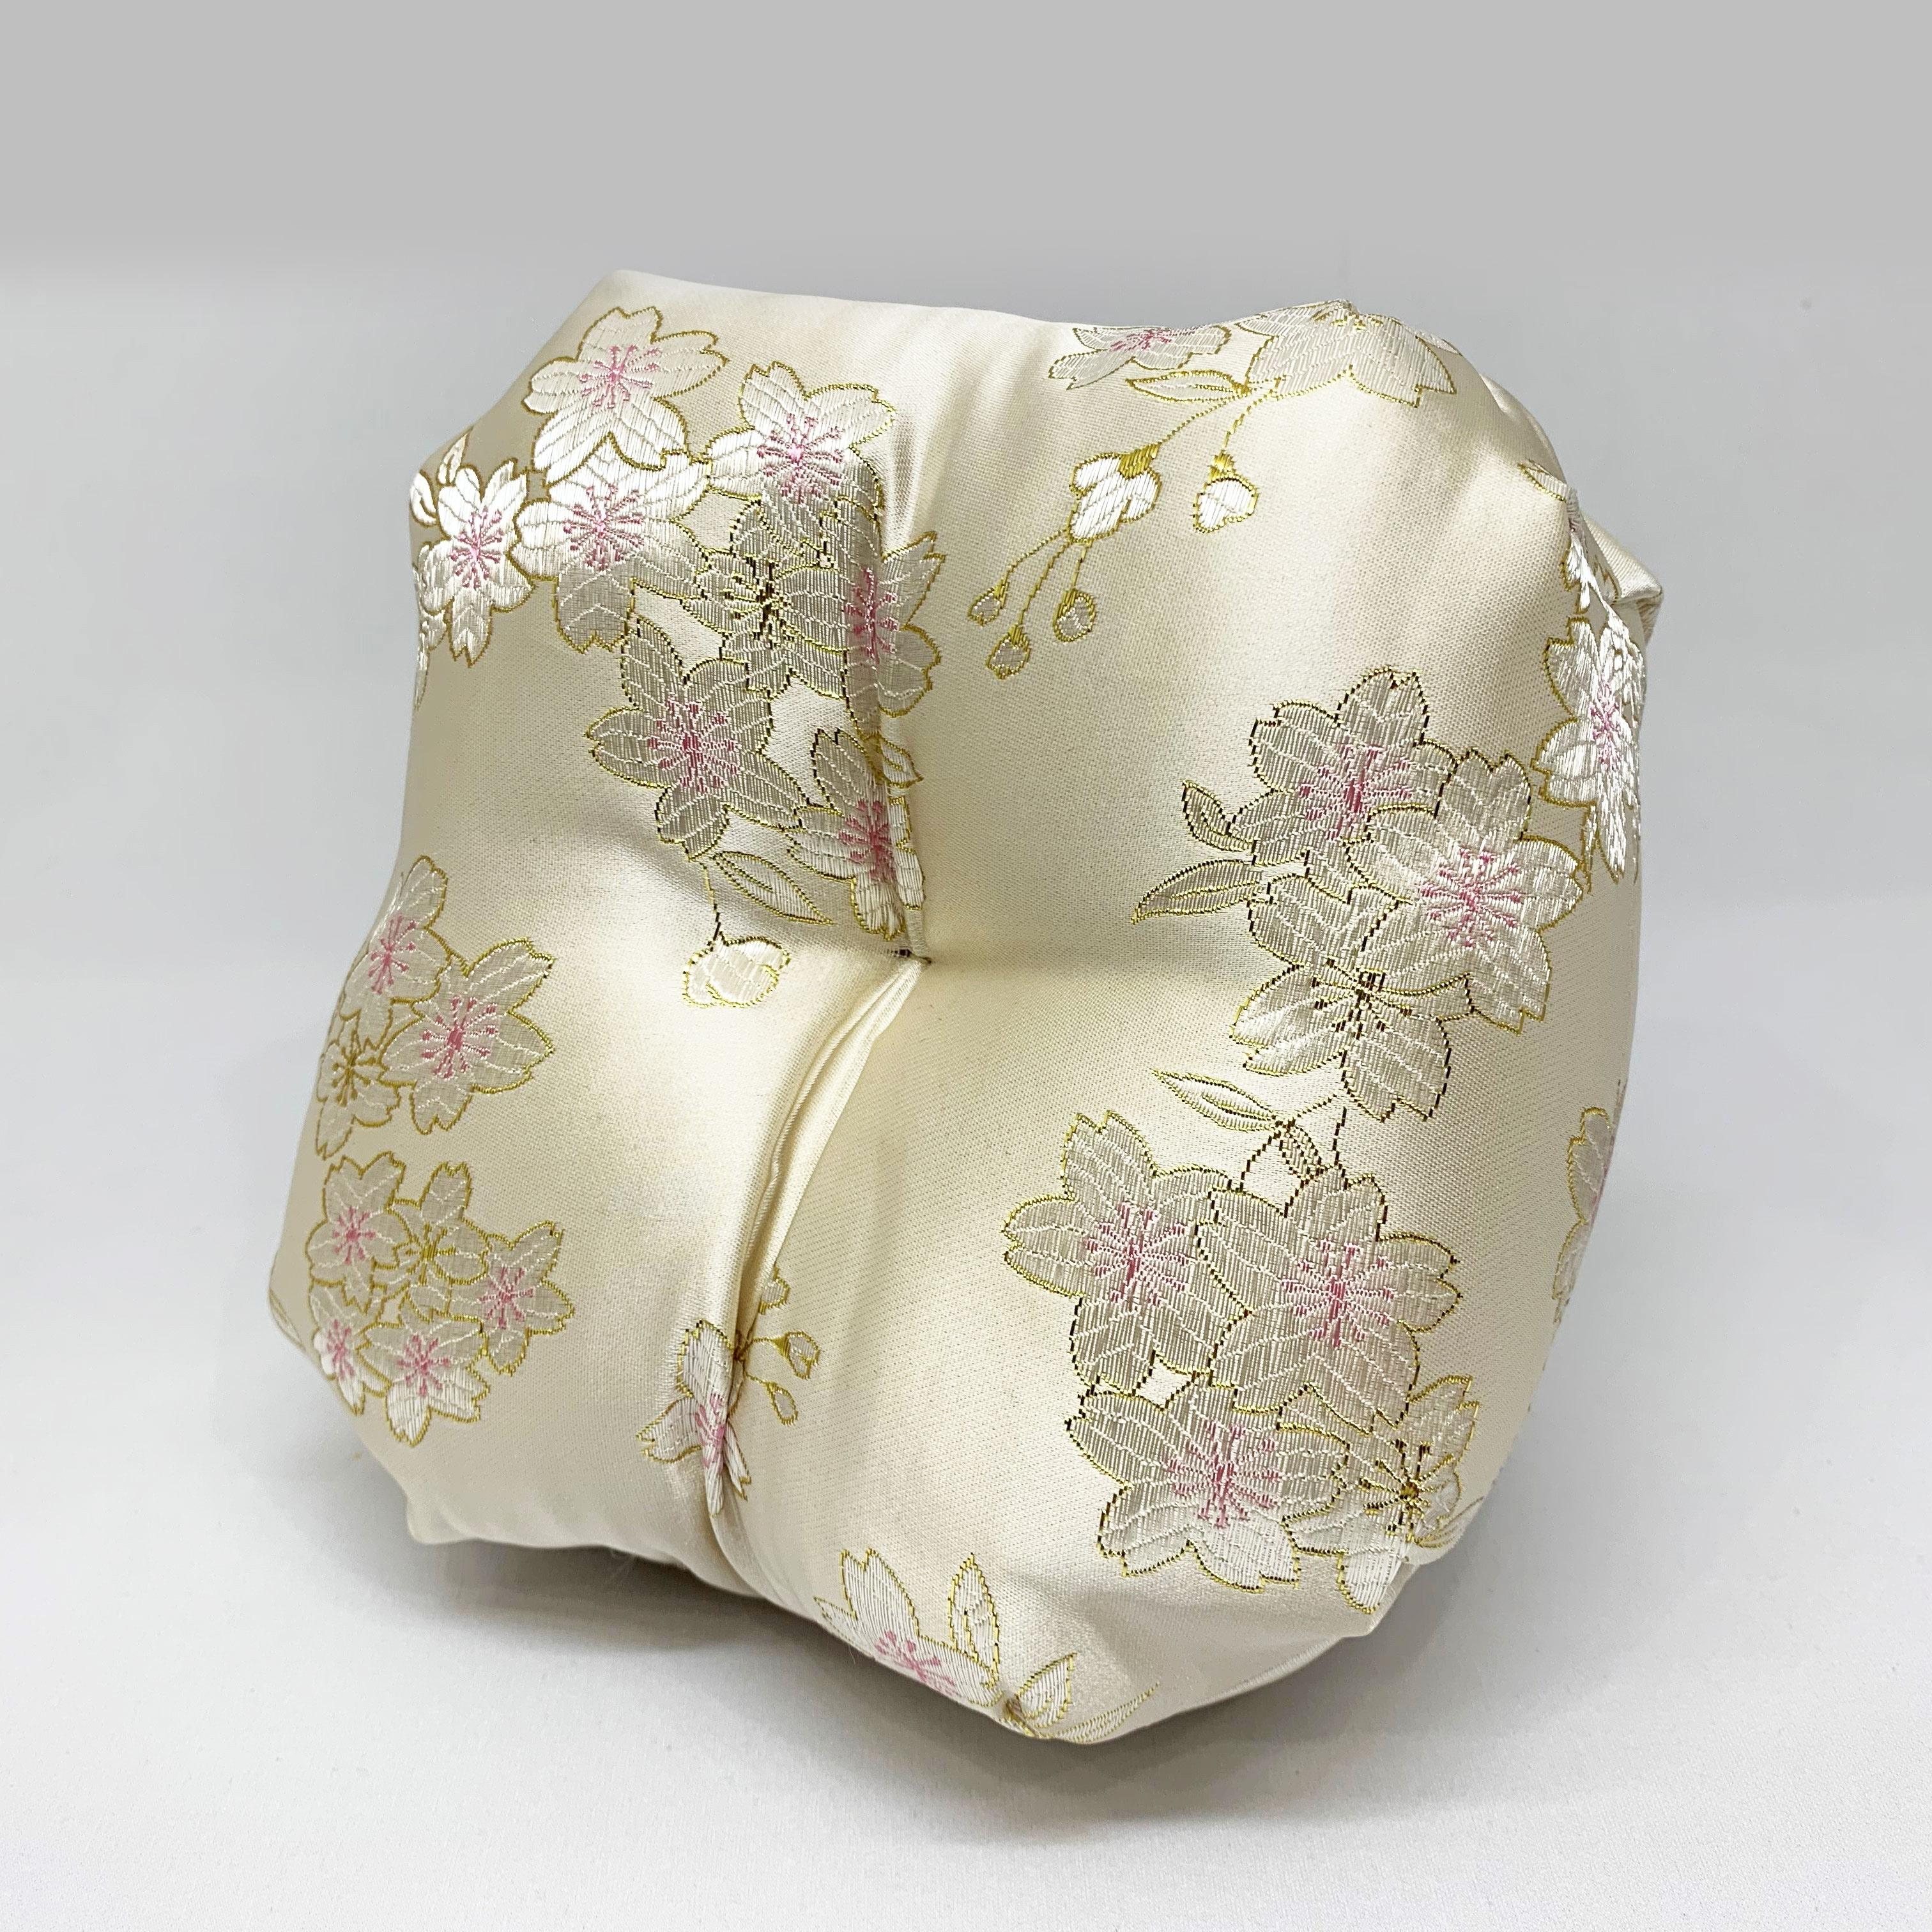 桜柄りん布団(ピンク)の商品画像1